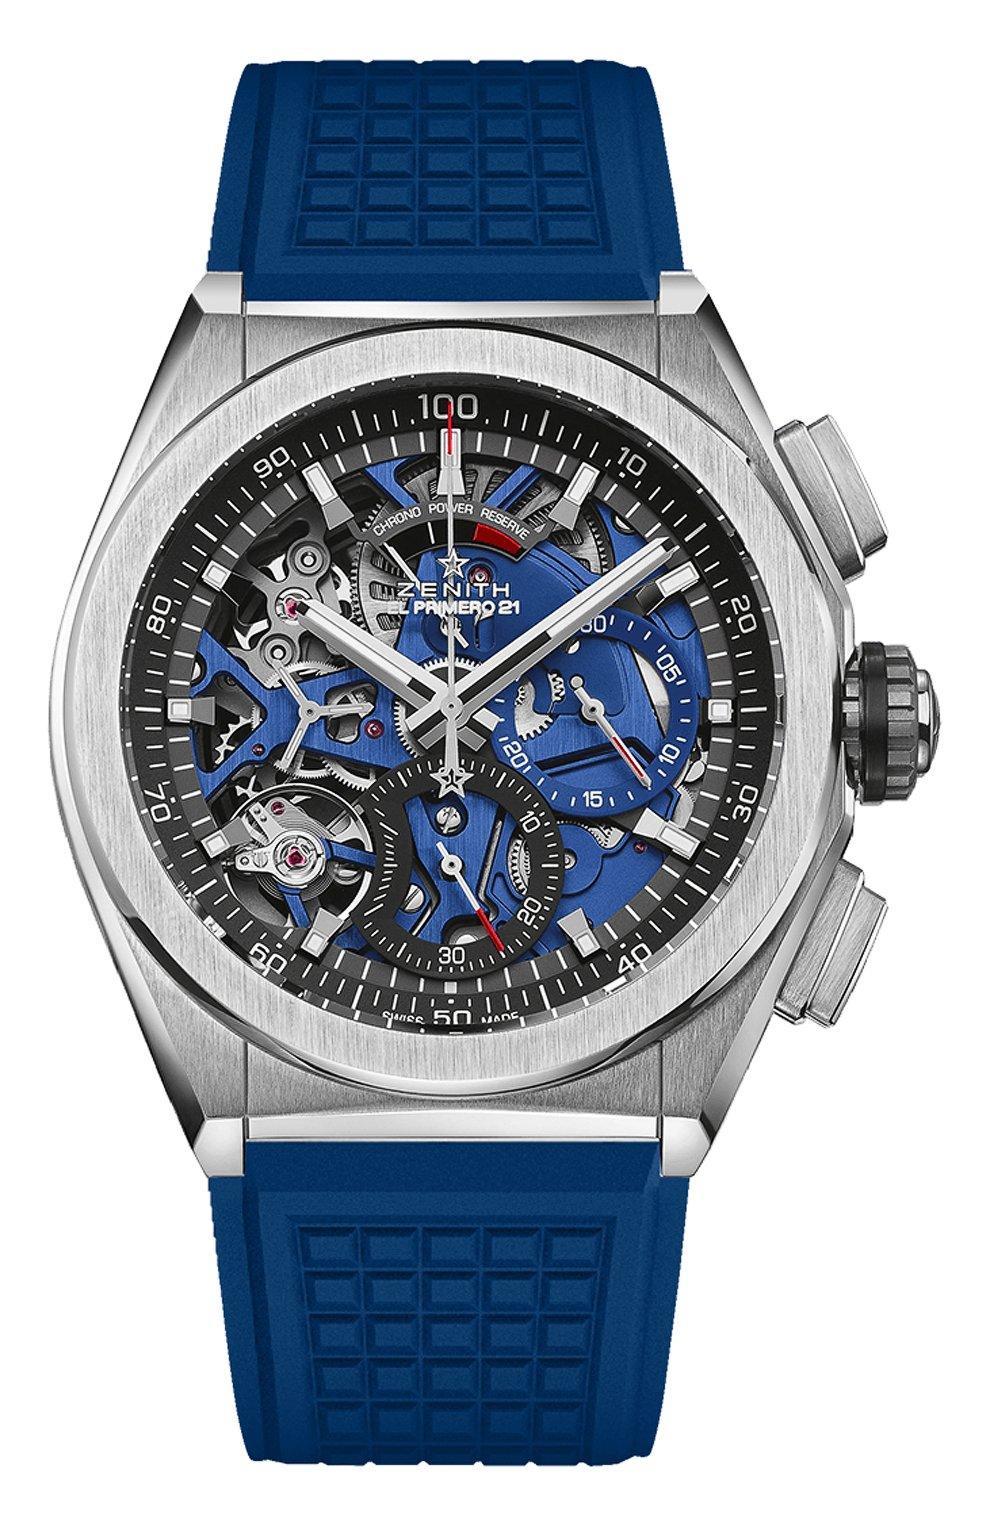 Мужские часы defy el primero 21 ZENITH синего цвета, арт. 95.9002.9004/78.R590 | Фото 1